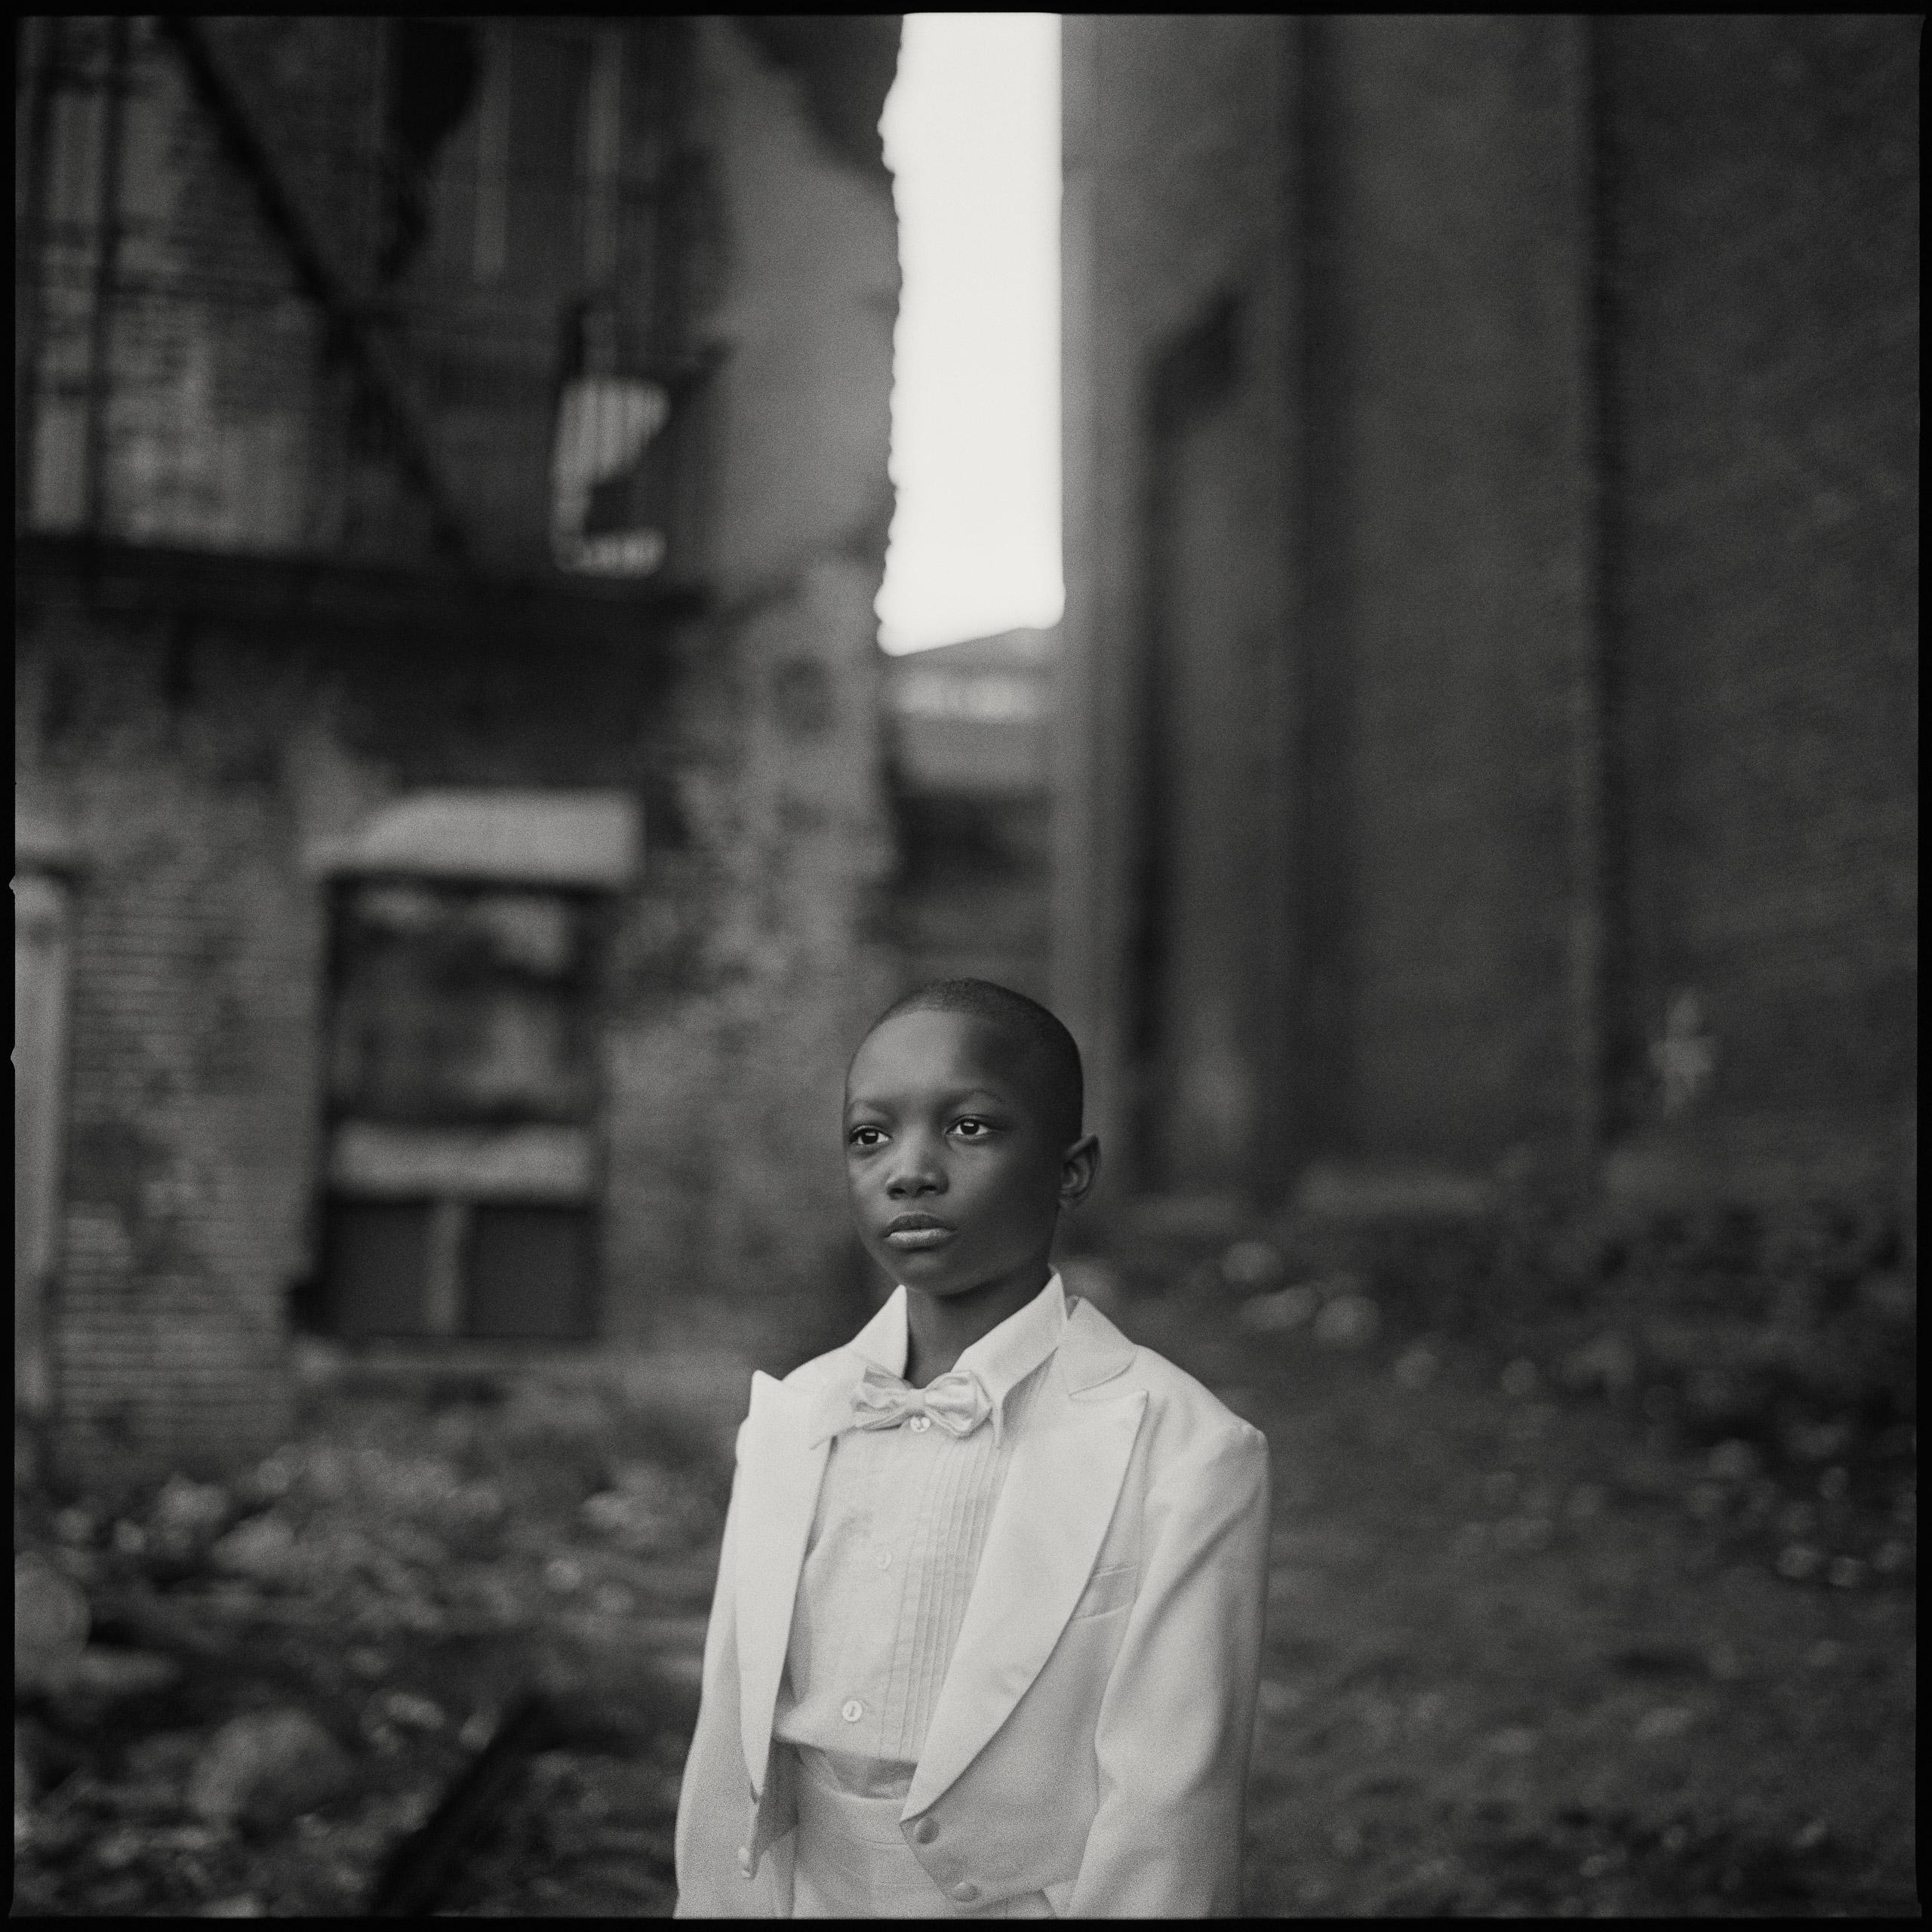 Boy in Church Clothes, Harlem, 1993.